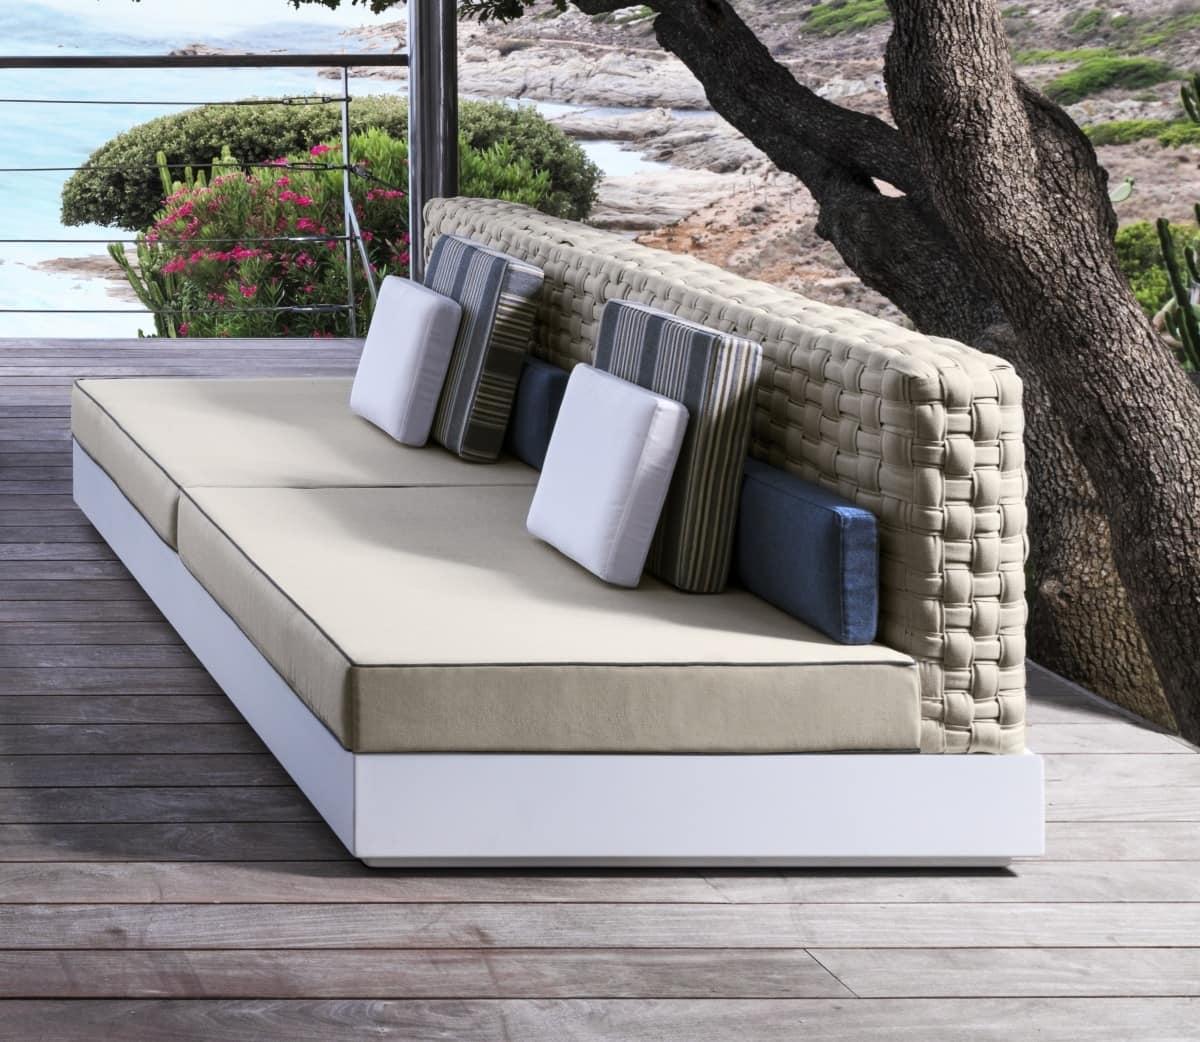 Awesome divano per esterno images for Ikea divani esterno